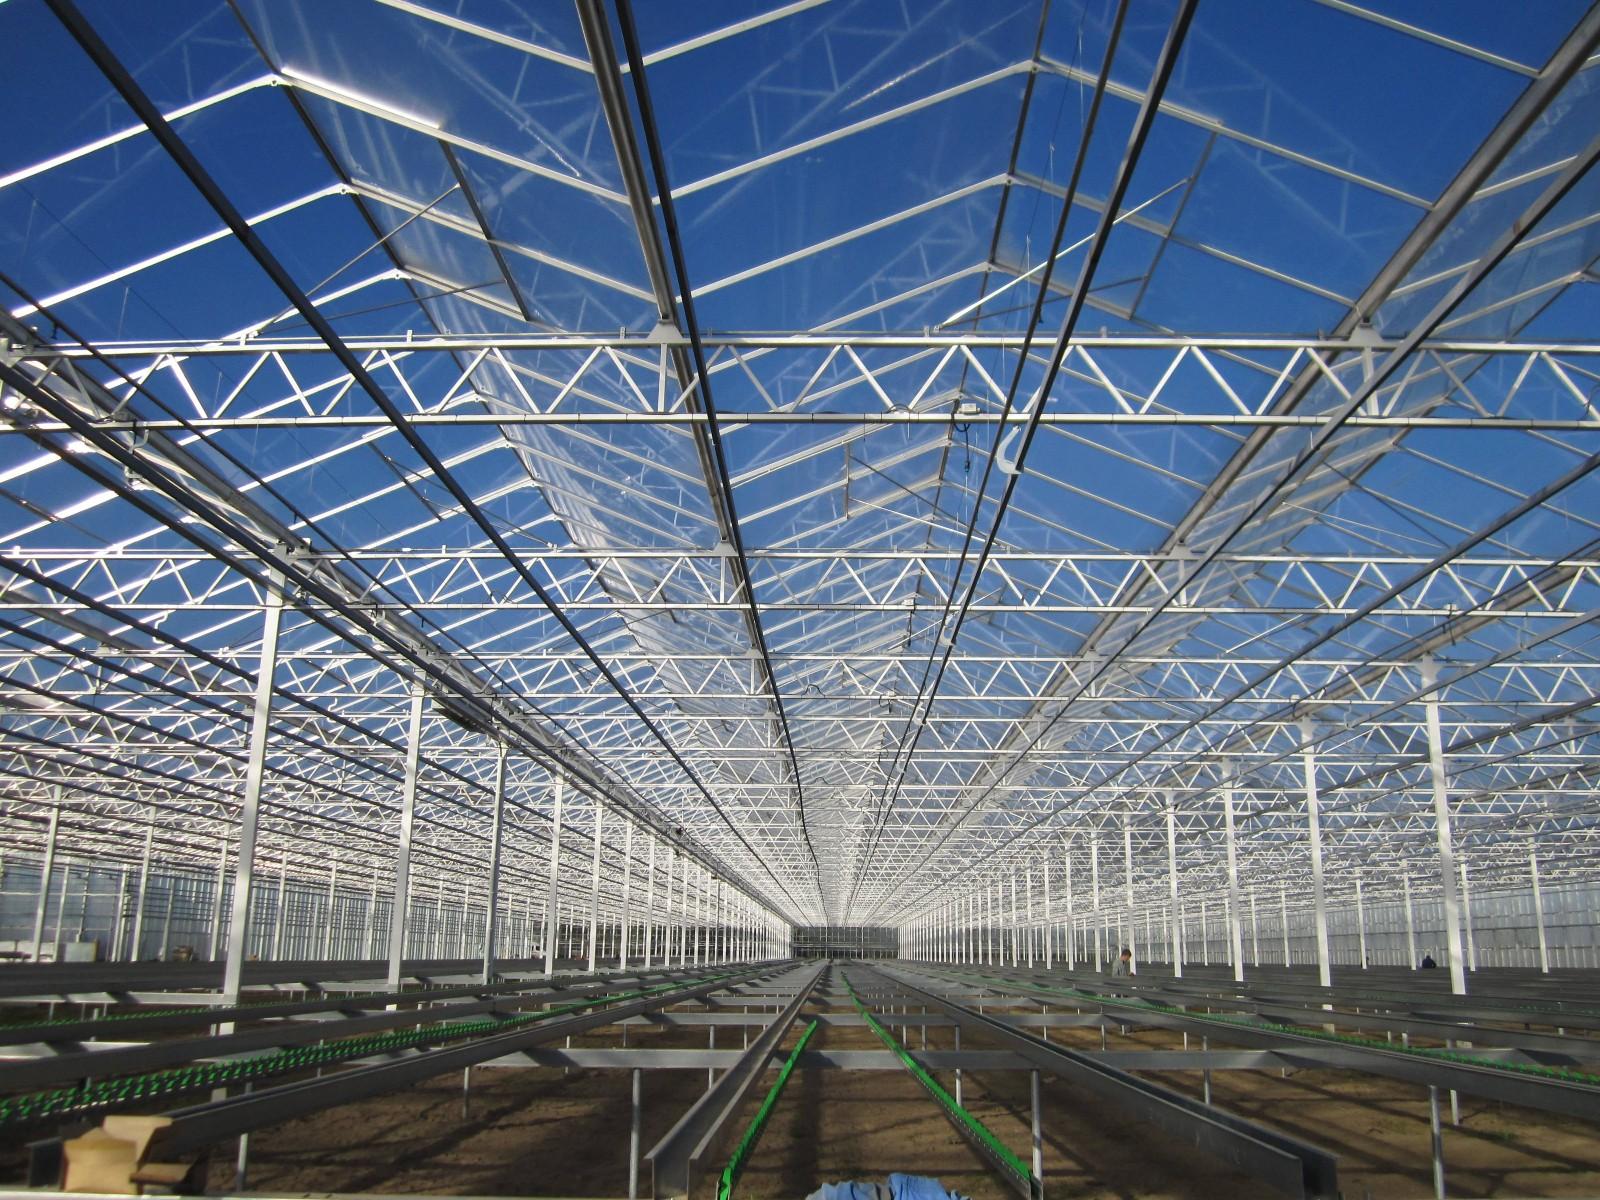 大利农业专业承建光伏蔬菜大棚|山东温室工程